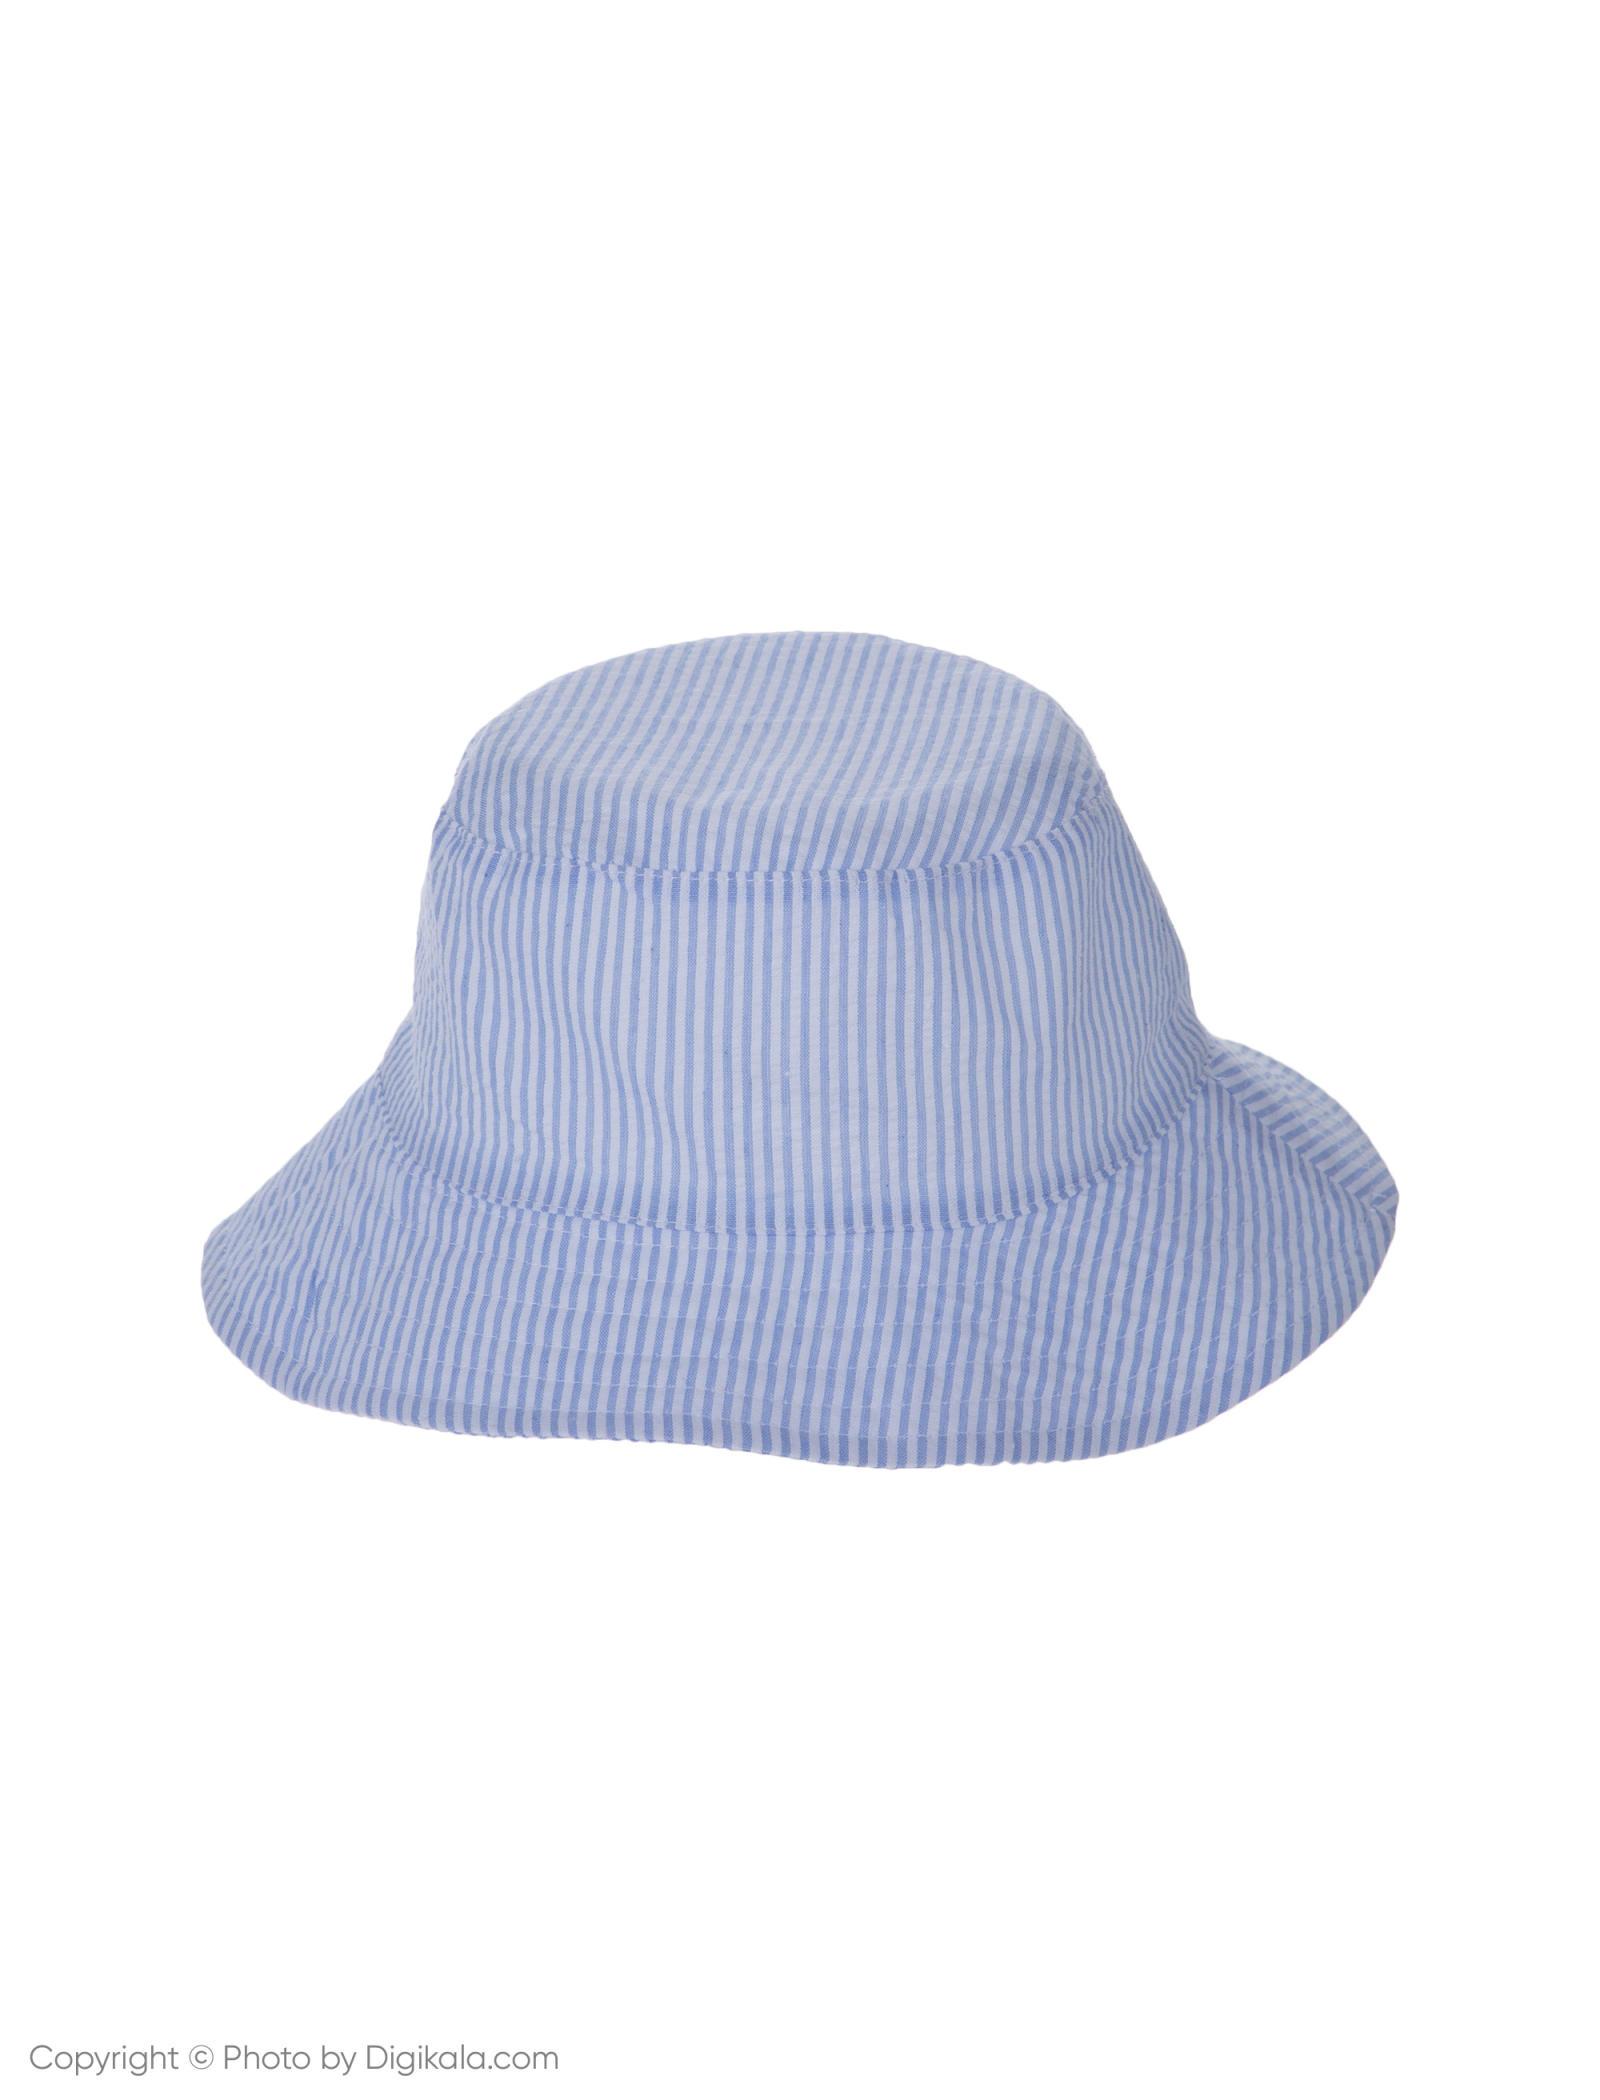 کلاه نخی ساحلی دخترانه - بلوکیدز - سفيد/آبي روشن - 1